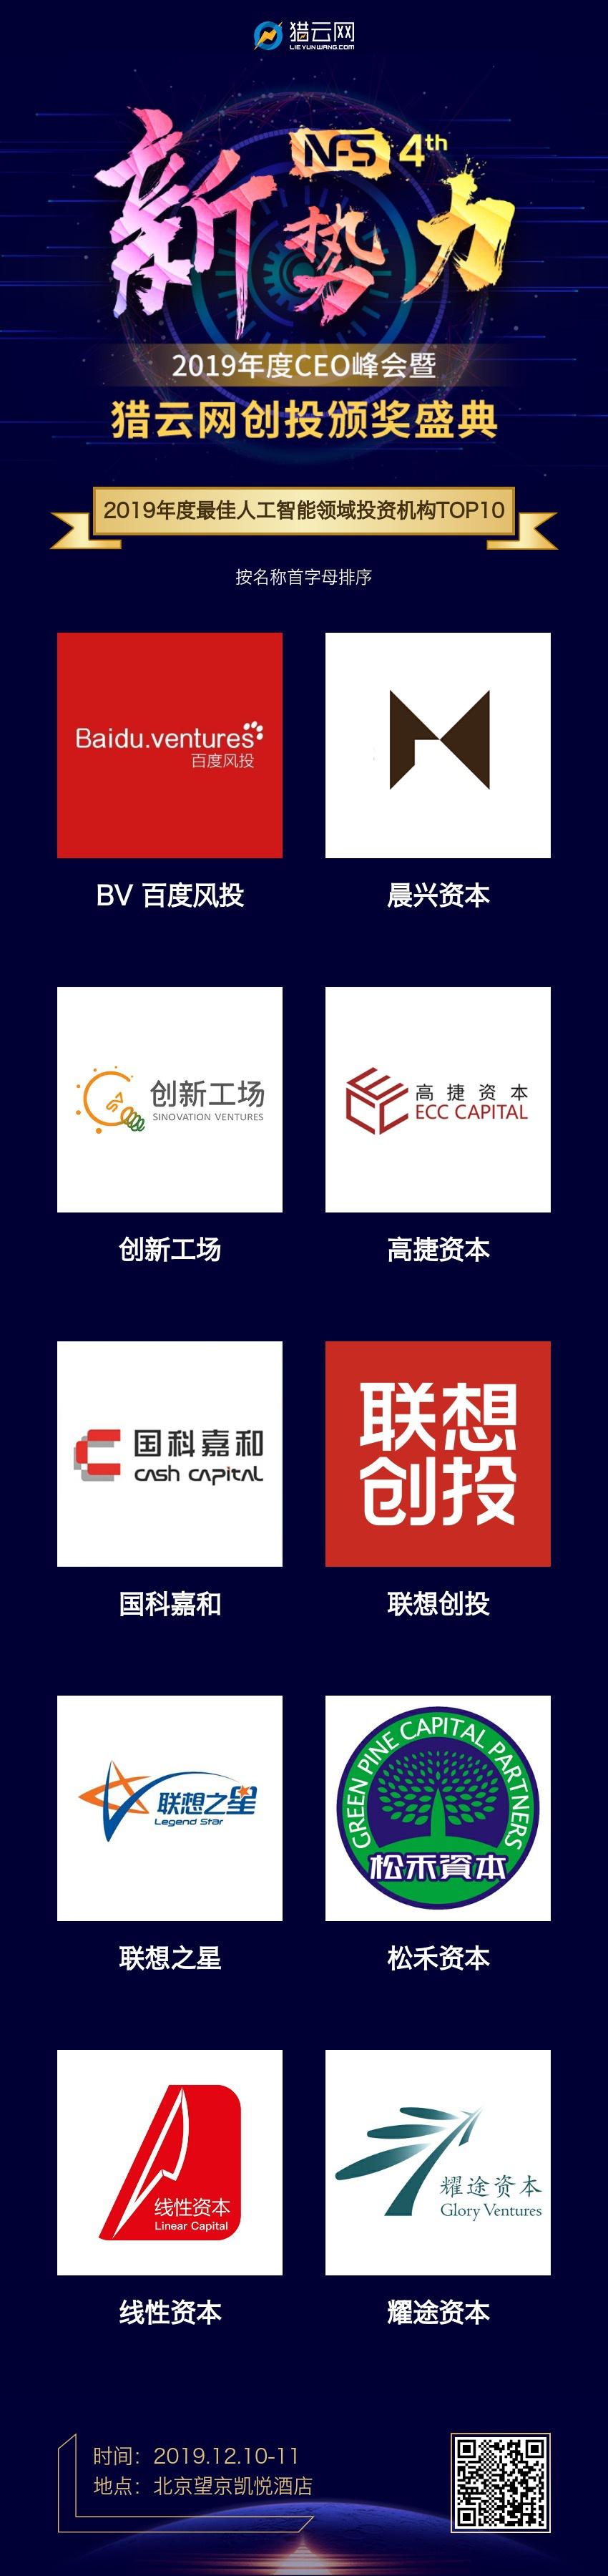 http://www.reviewcode.cn/bianchengyuyan/102085.html